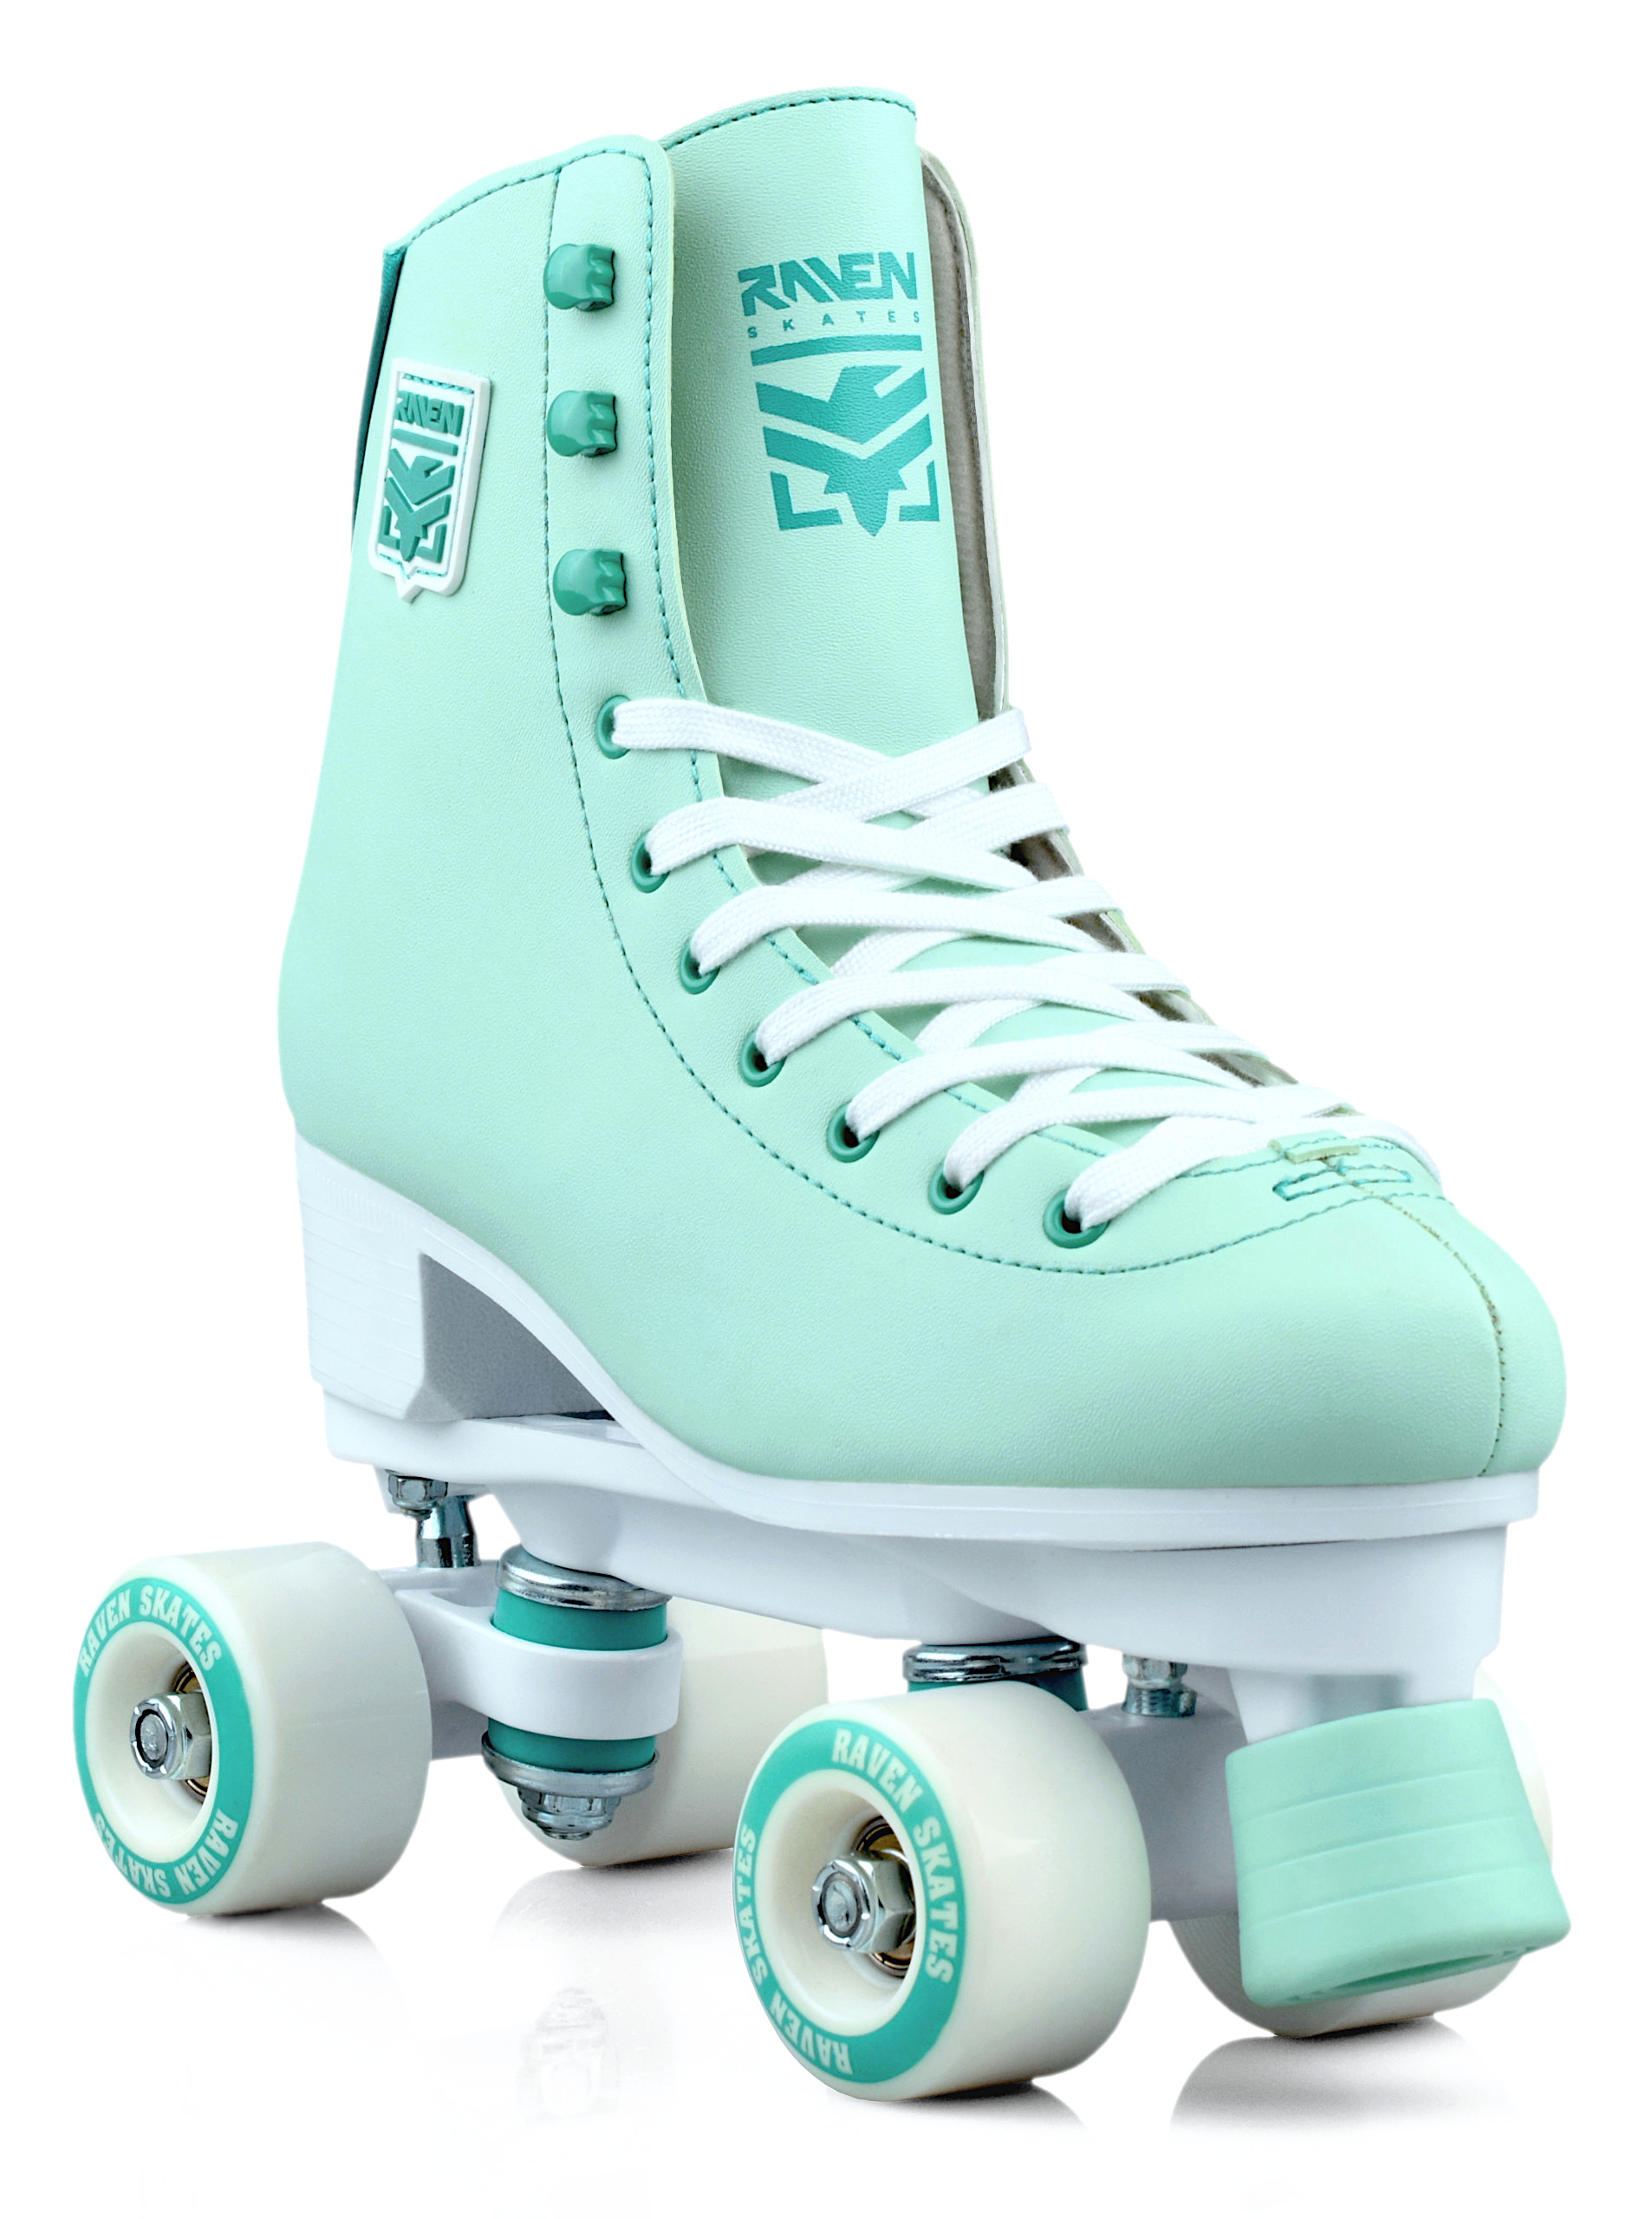 verschiedenes Design Kaufen Sie Authentic Geschicktes Design Details zu Rollschuhe Roller Skates Rollerskates Raven Elle Mint 2019 - Neu!